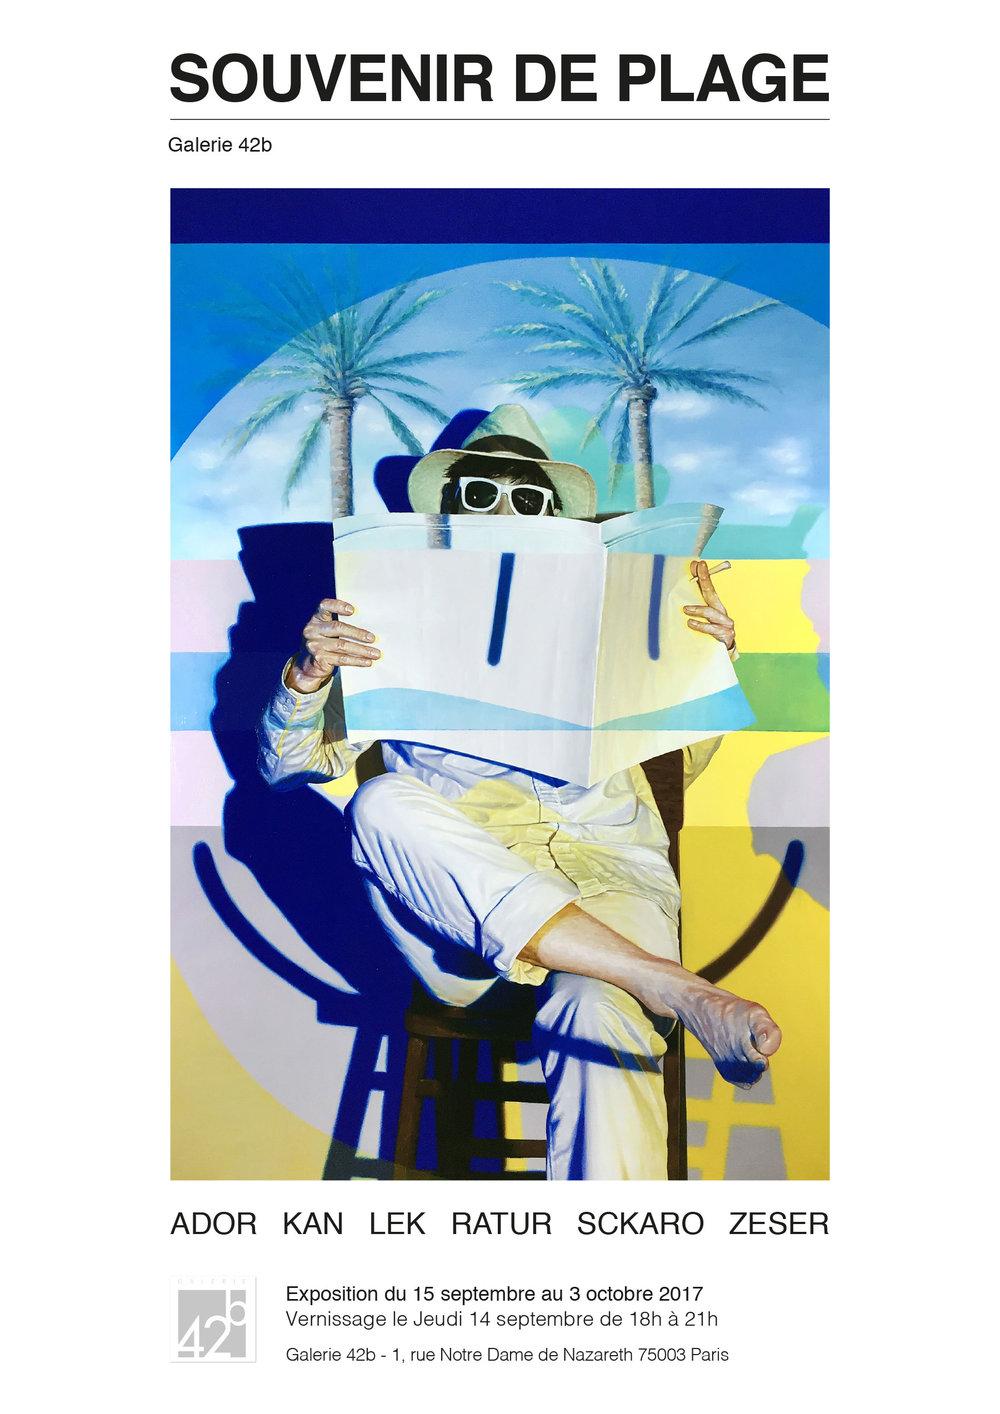 Affiche SOUVENIR DE PLAGE - Exposition collective